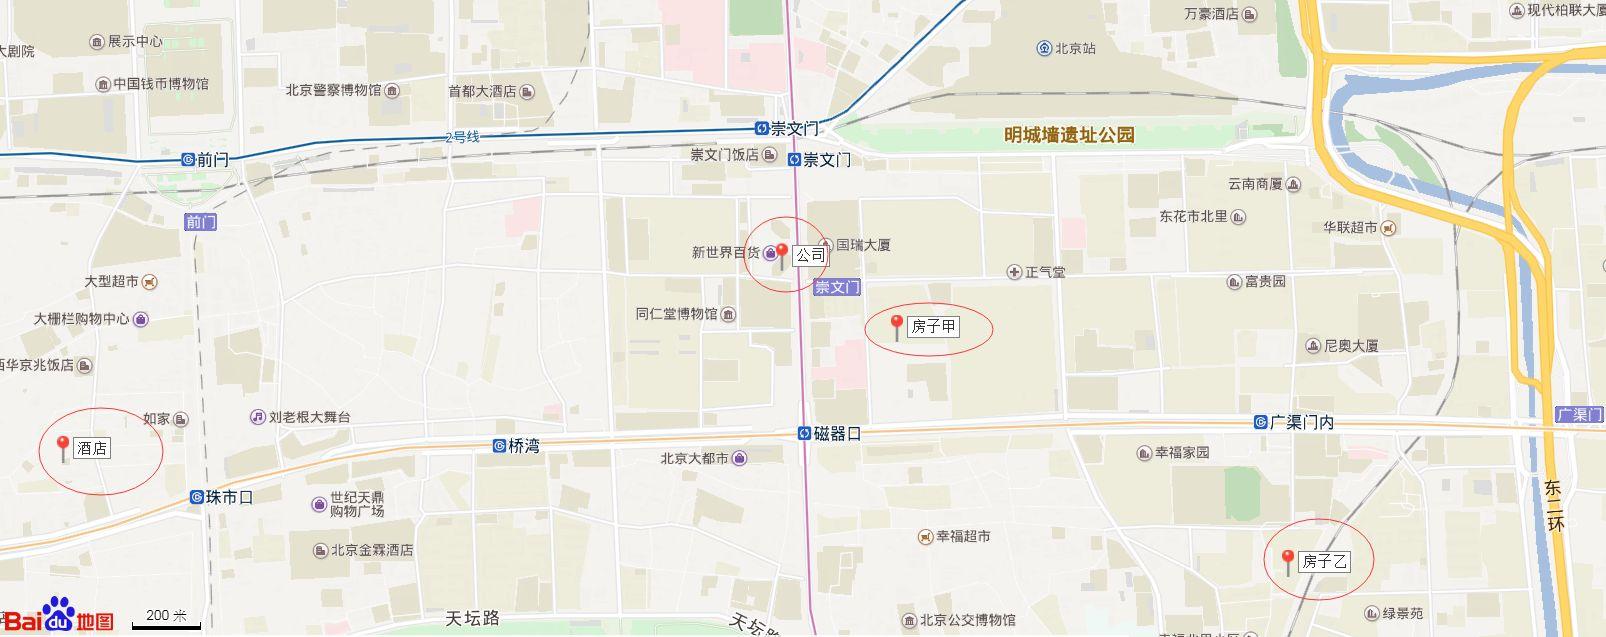 图2-4 甲乙房、公司、酒店间地理位置